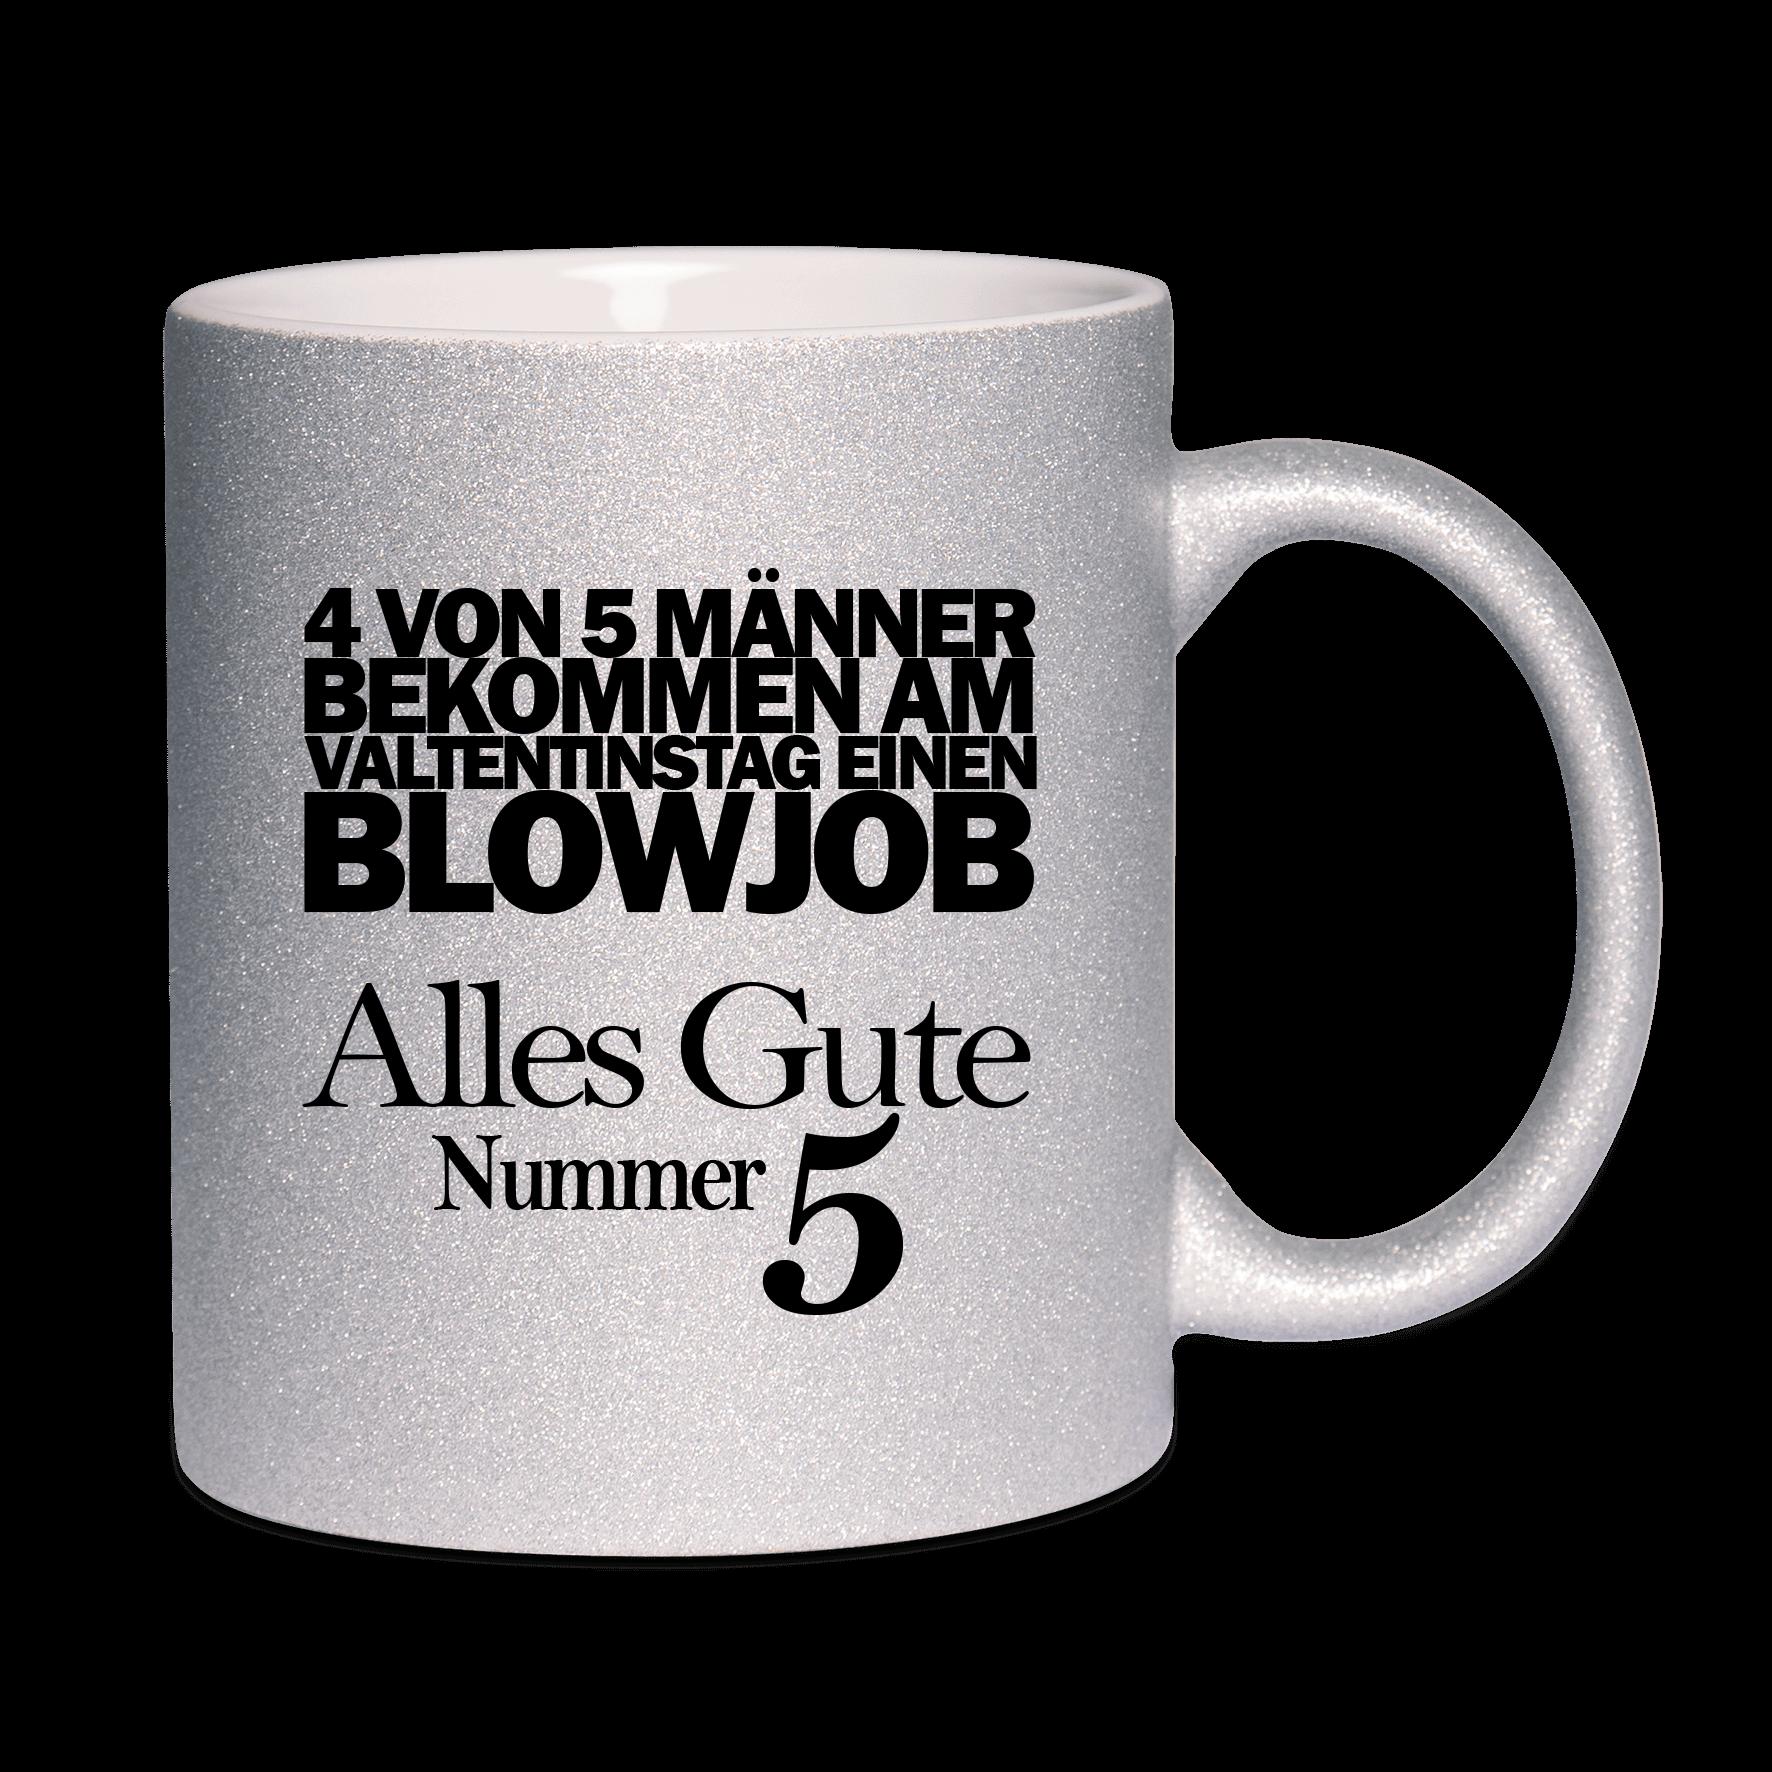 4 von 5 Männer bekommen am Valentinstag einen Blowjob. Alles Gute Nummer 5